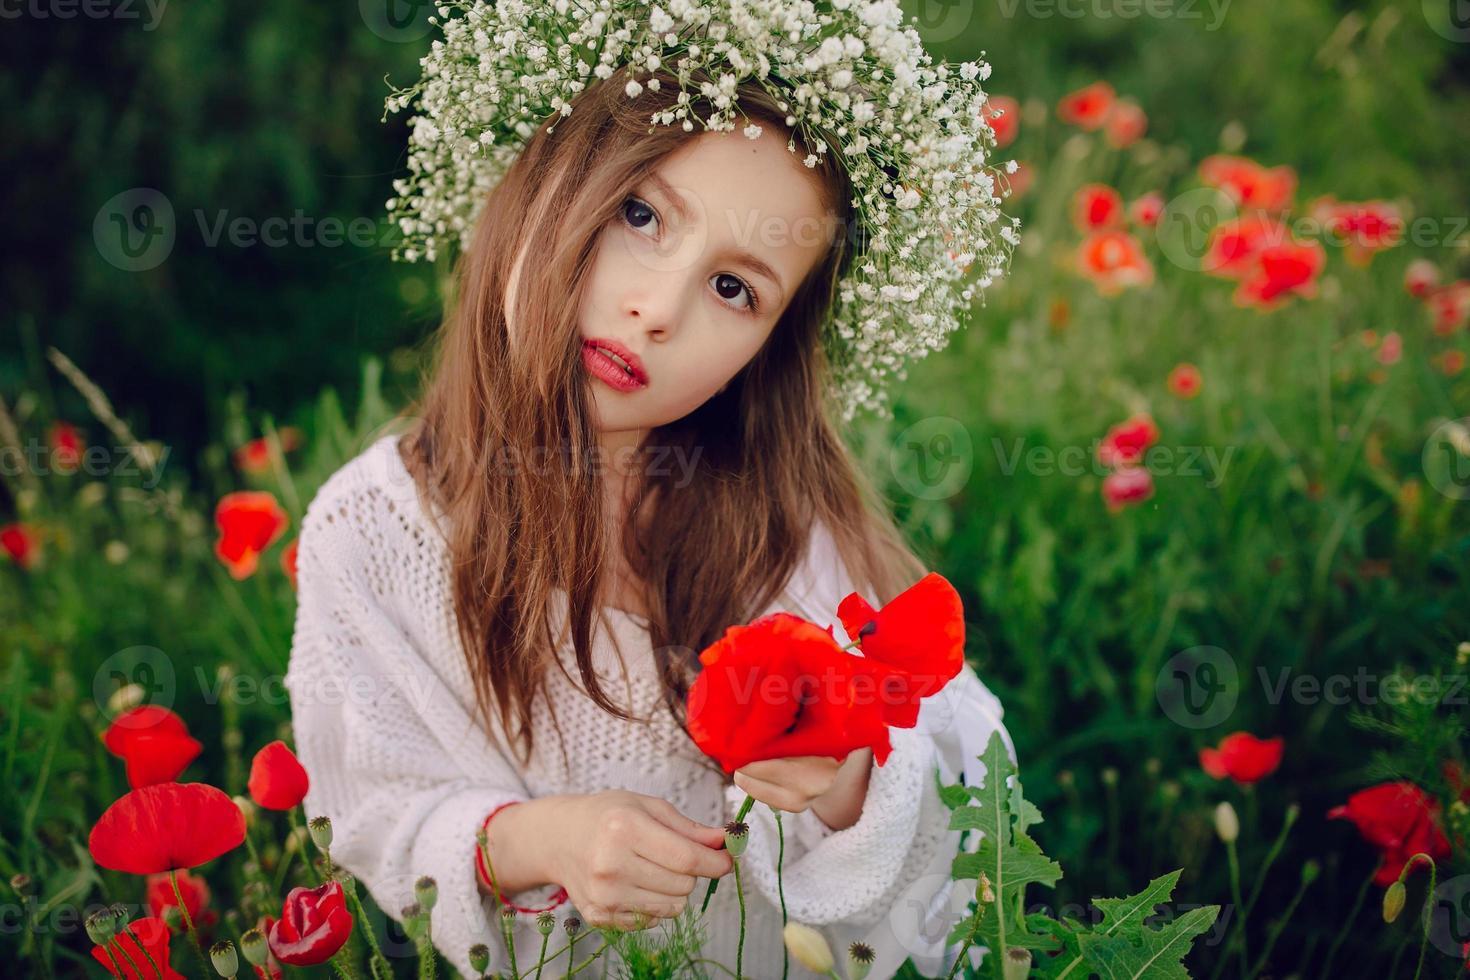 belle petite fille posant en jupe une couronne de coquelicots photo